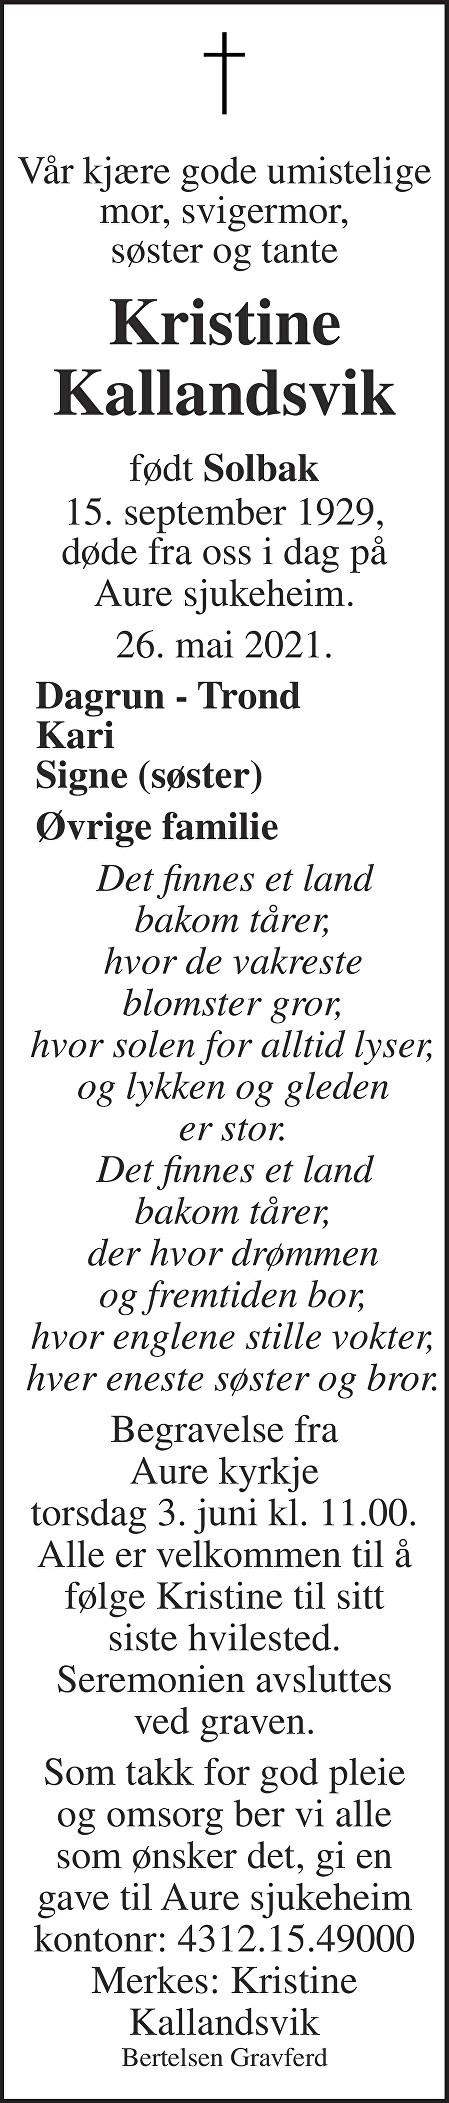 Kristine Kallandsvik Dødsannonse